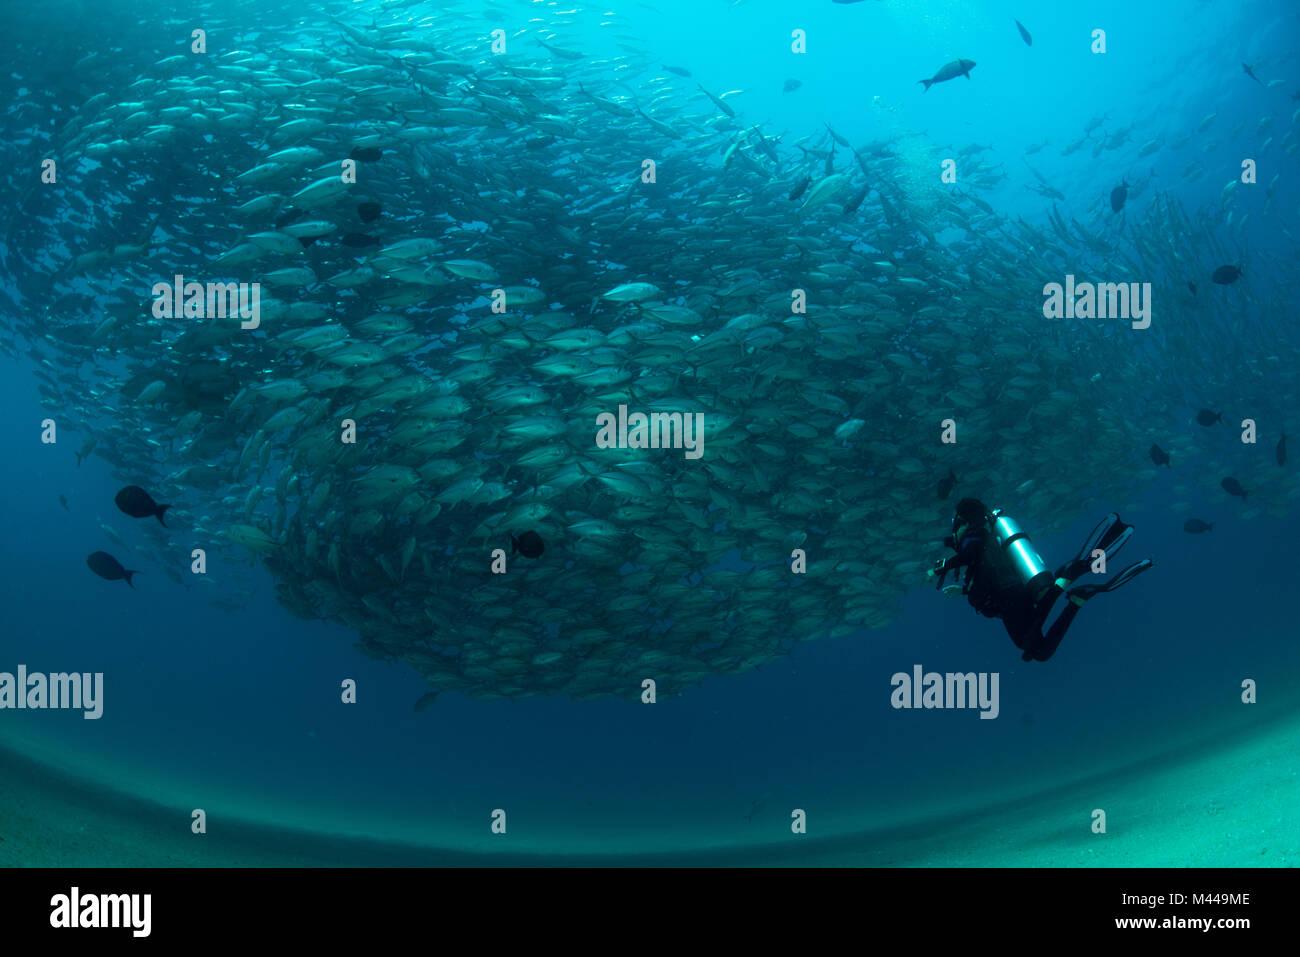 Taucher schwimmen mit Schule von Jack Fisch, Unterwasser, Cabo San Lucas, Baja California Sur, Mexiko, Nordamerika Stockbild